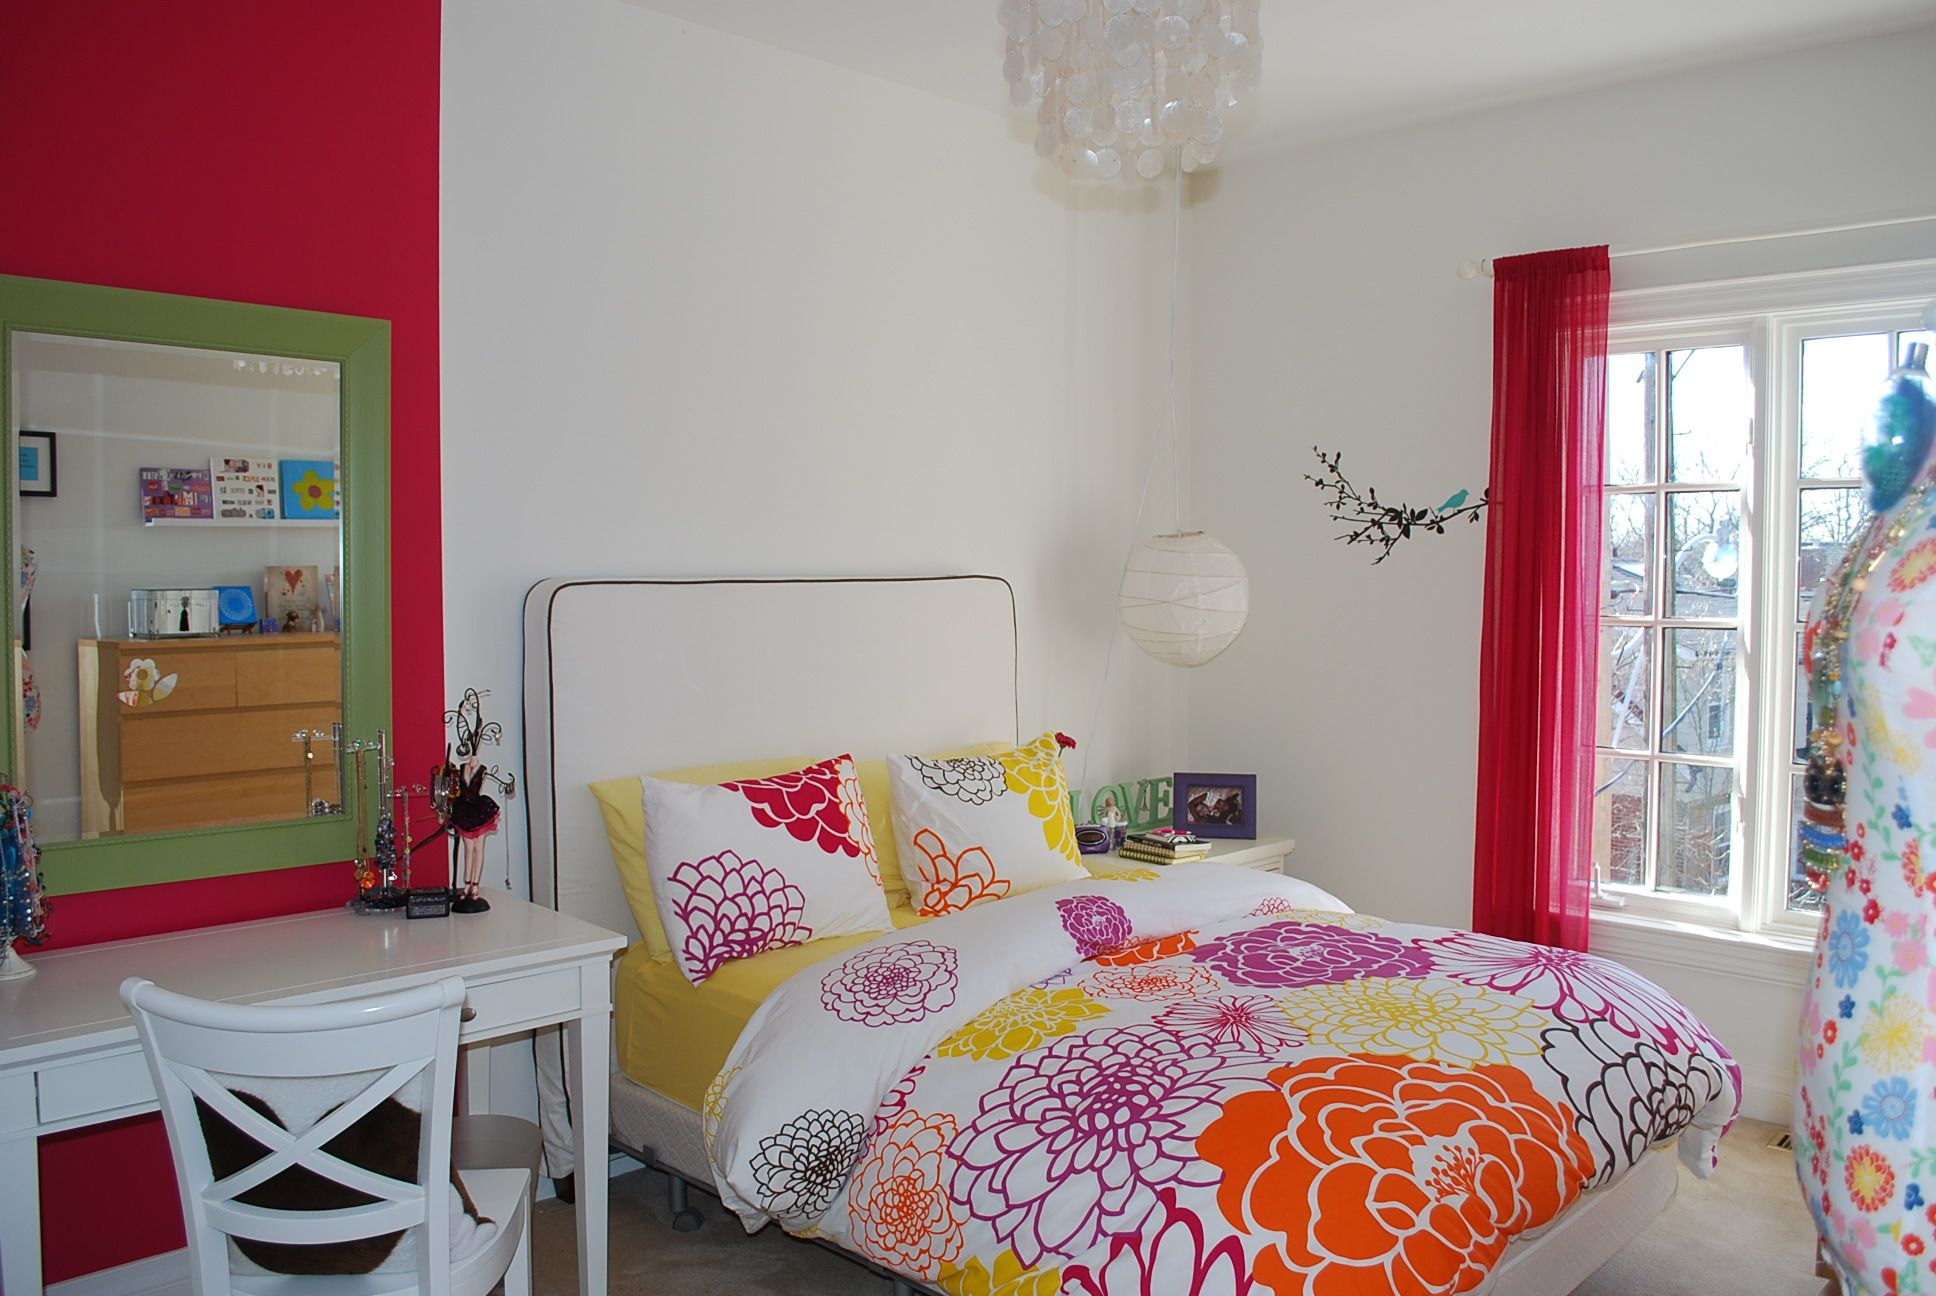 Girl room blanco con flores habitaciones juveniles originales habitaciones juveniles decora - Habitaciones juveniles originales ...